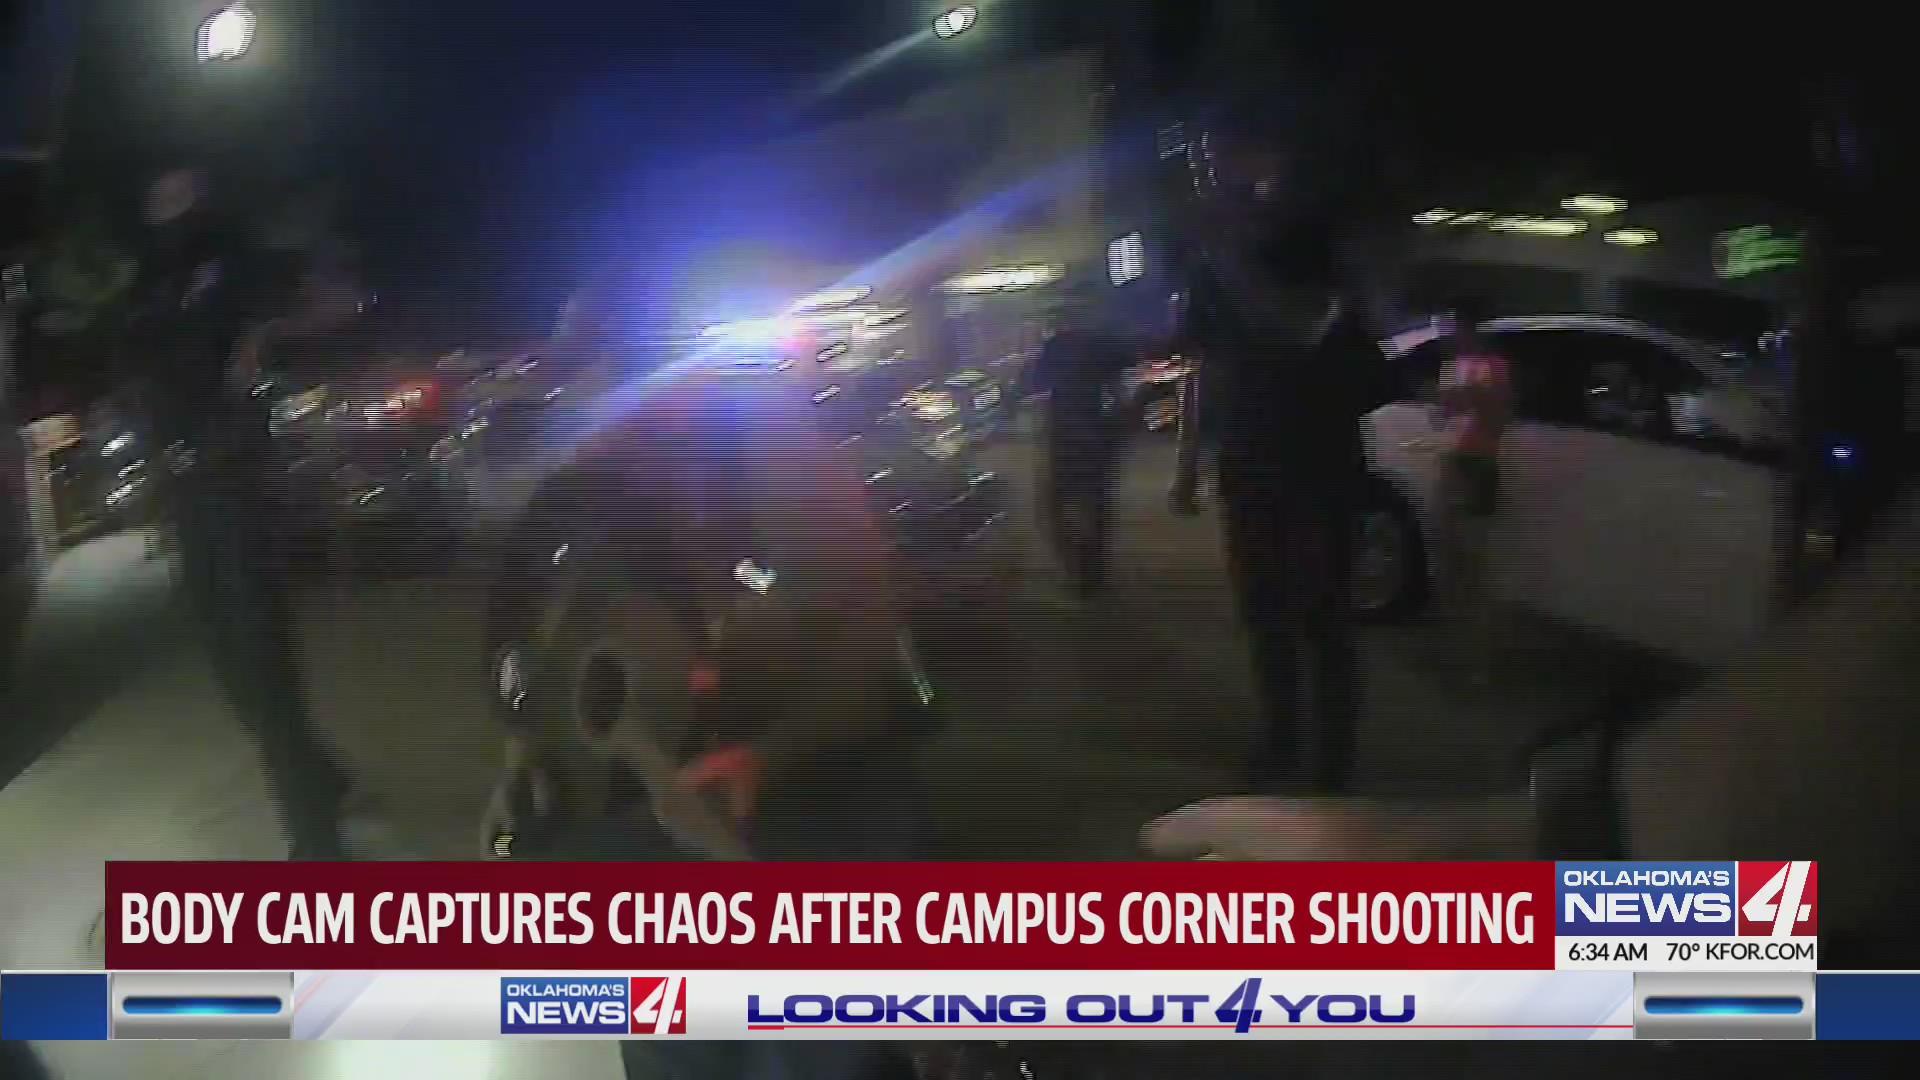 Campus Corner shooting body camera footage